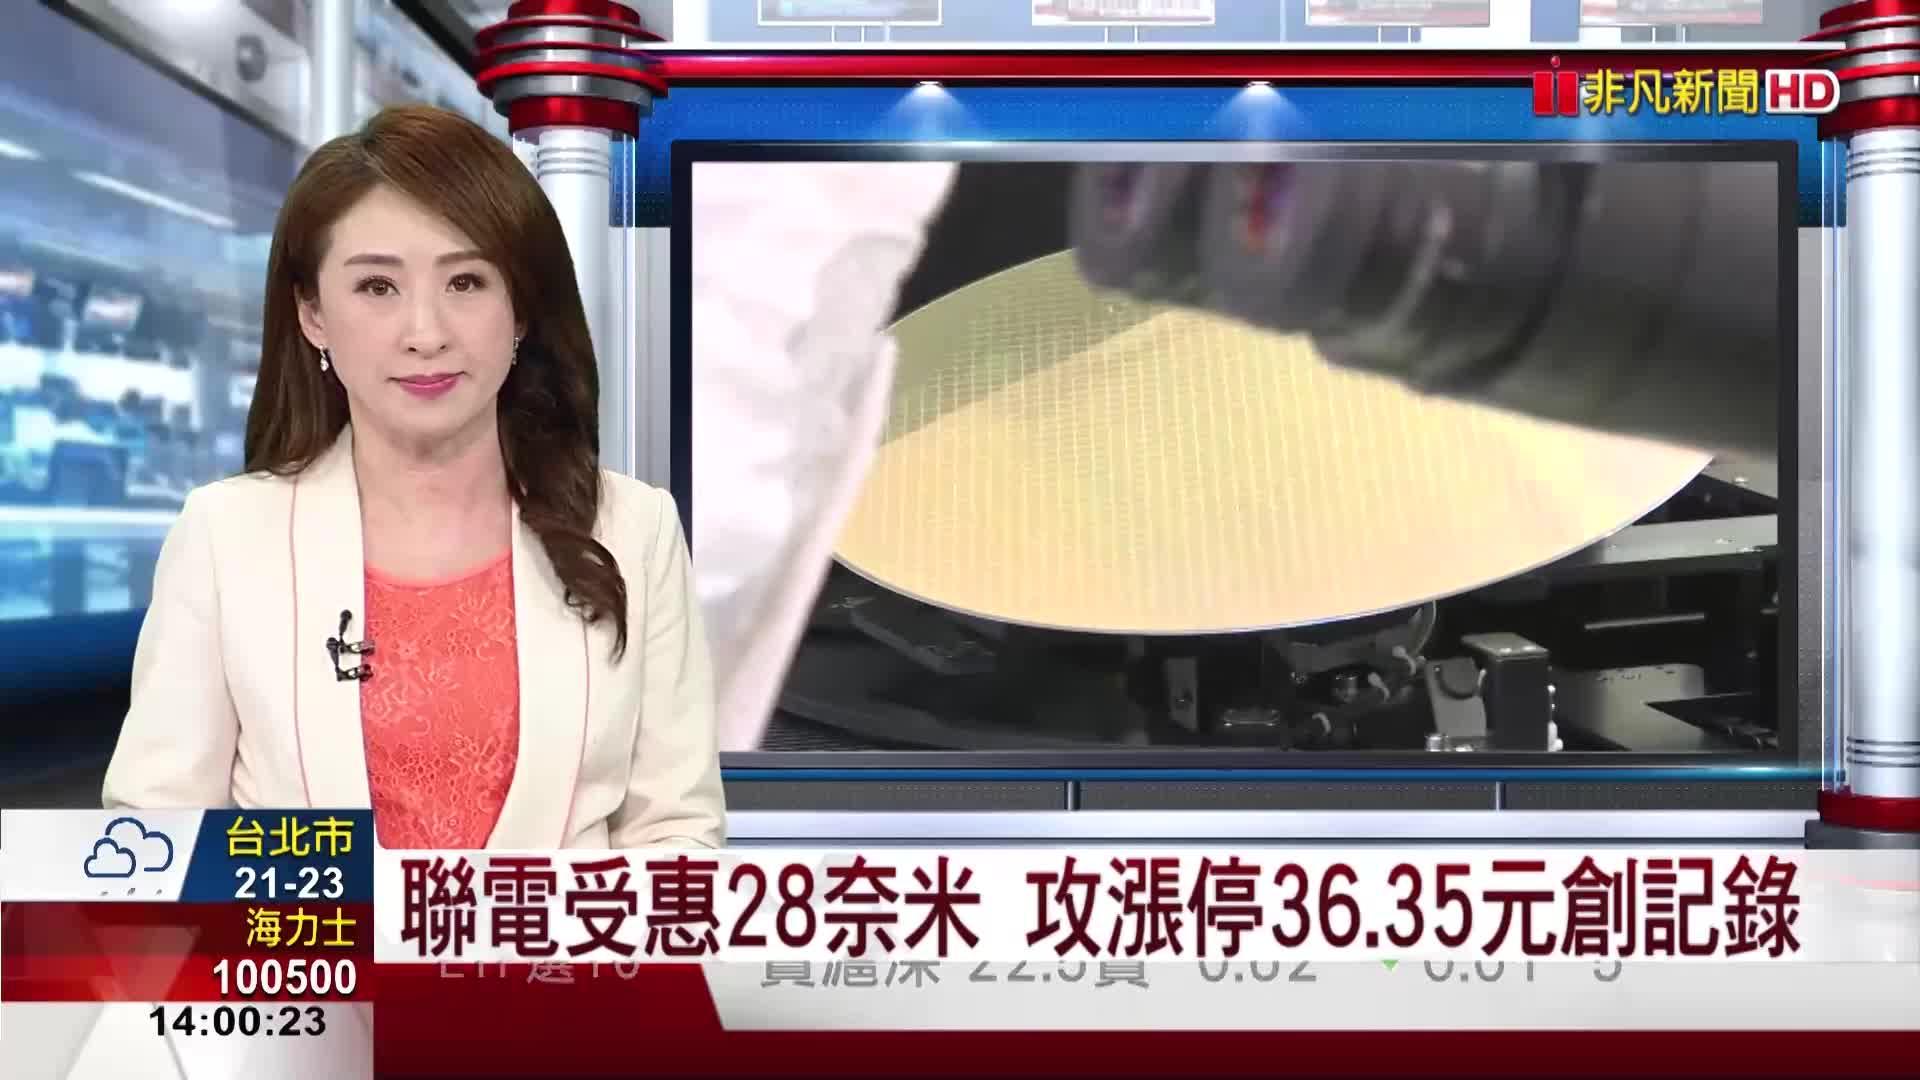 受惠28奈米產能吃緊 聯電漲停收36.35元